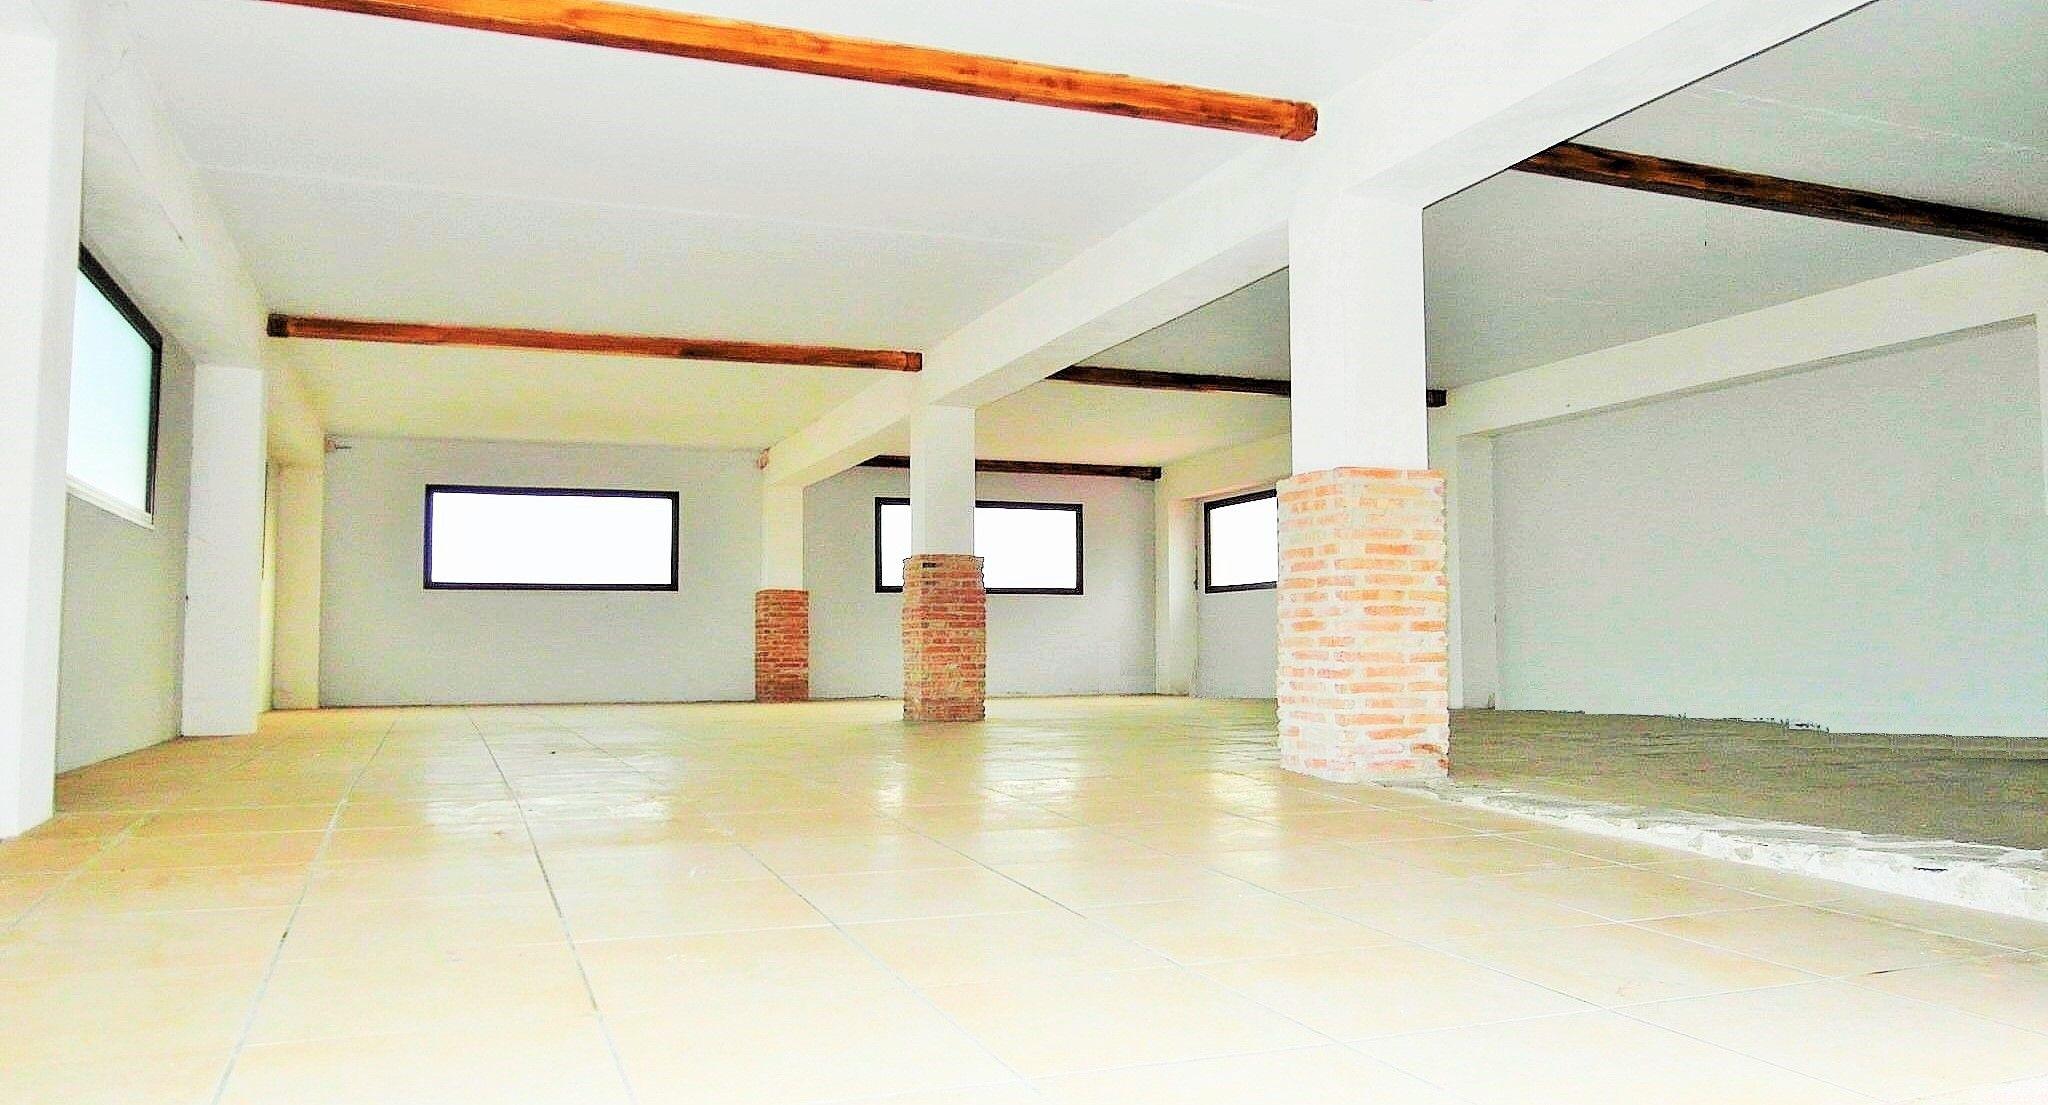 Sotano garaje casa prefabricada de hormigon www - Opiniones sobre casas prefabricadas ...